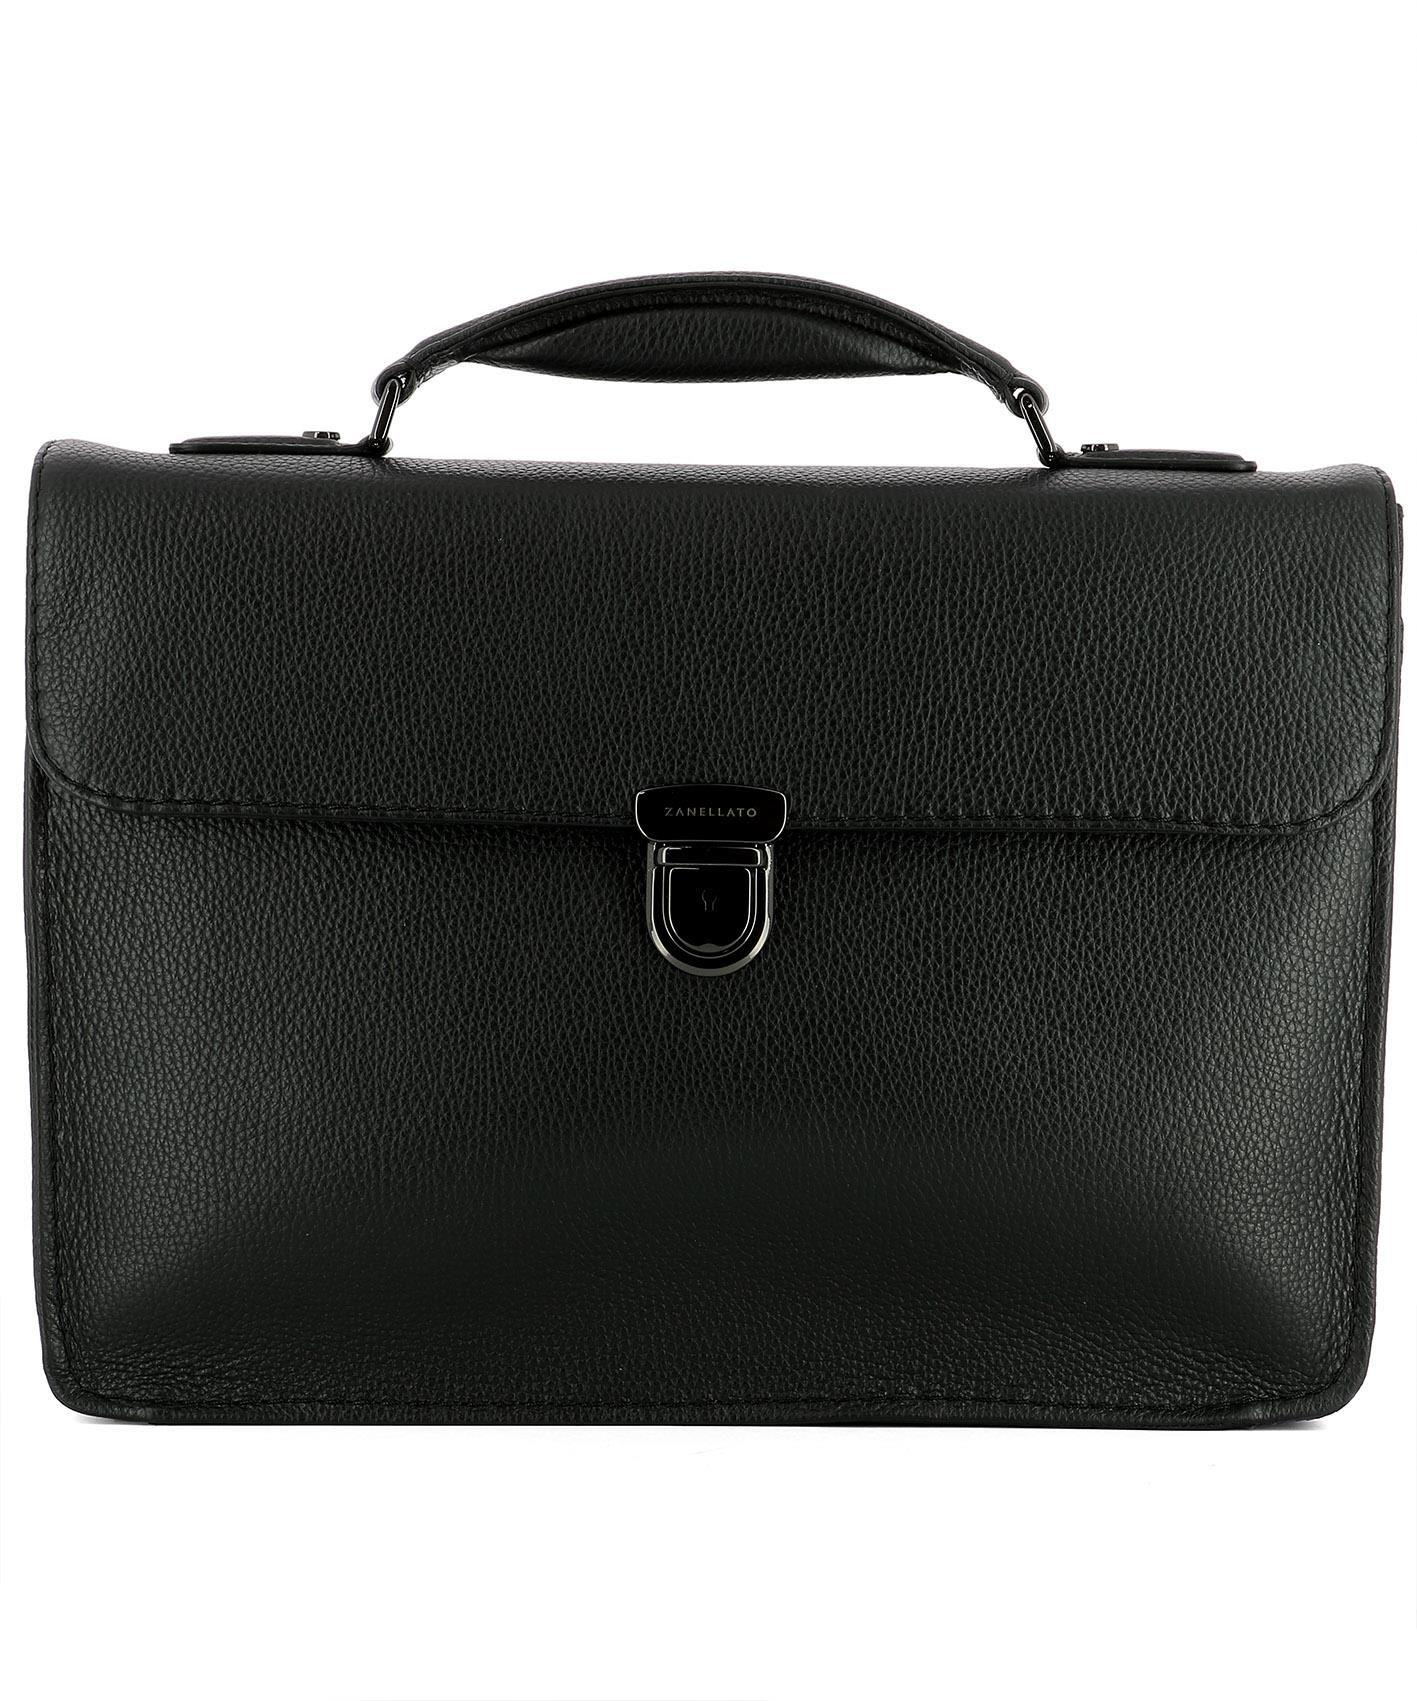 Zanellato Black Leather Handle Bag